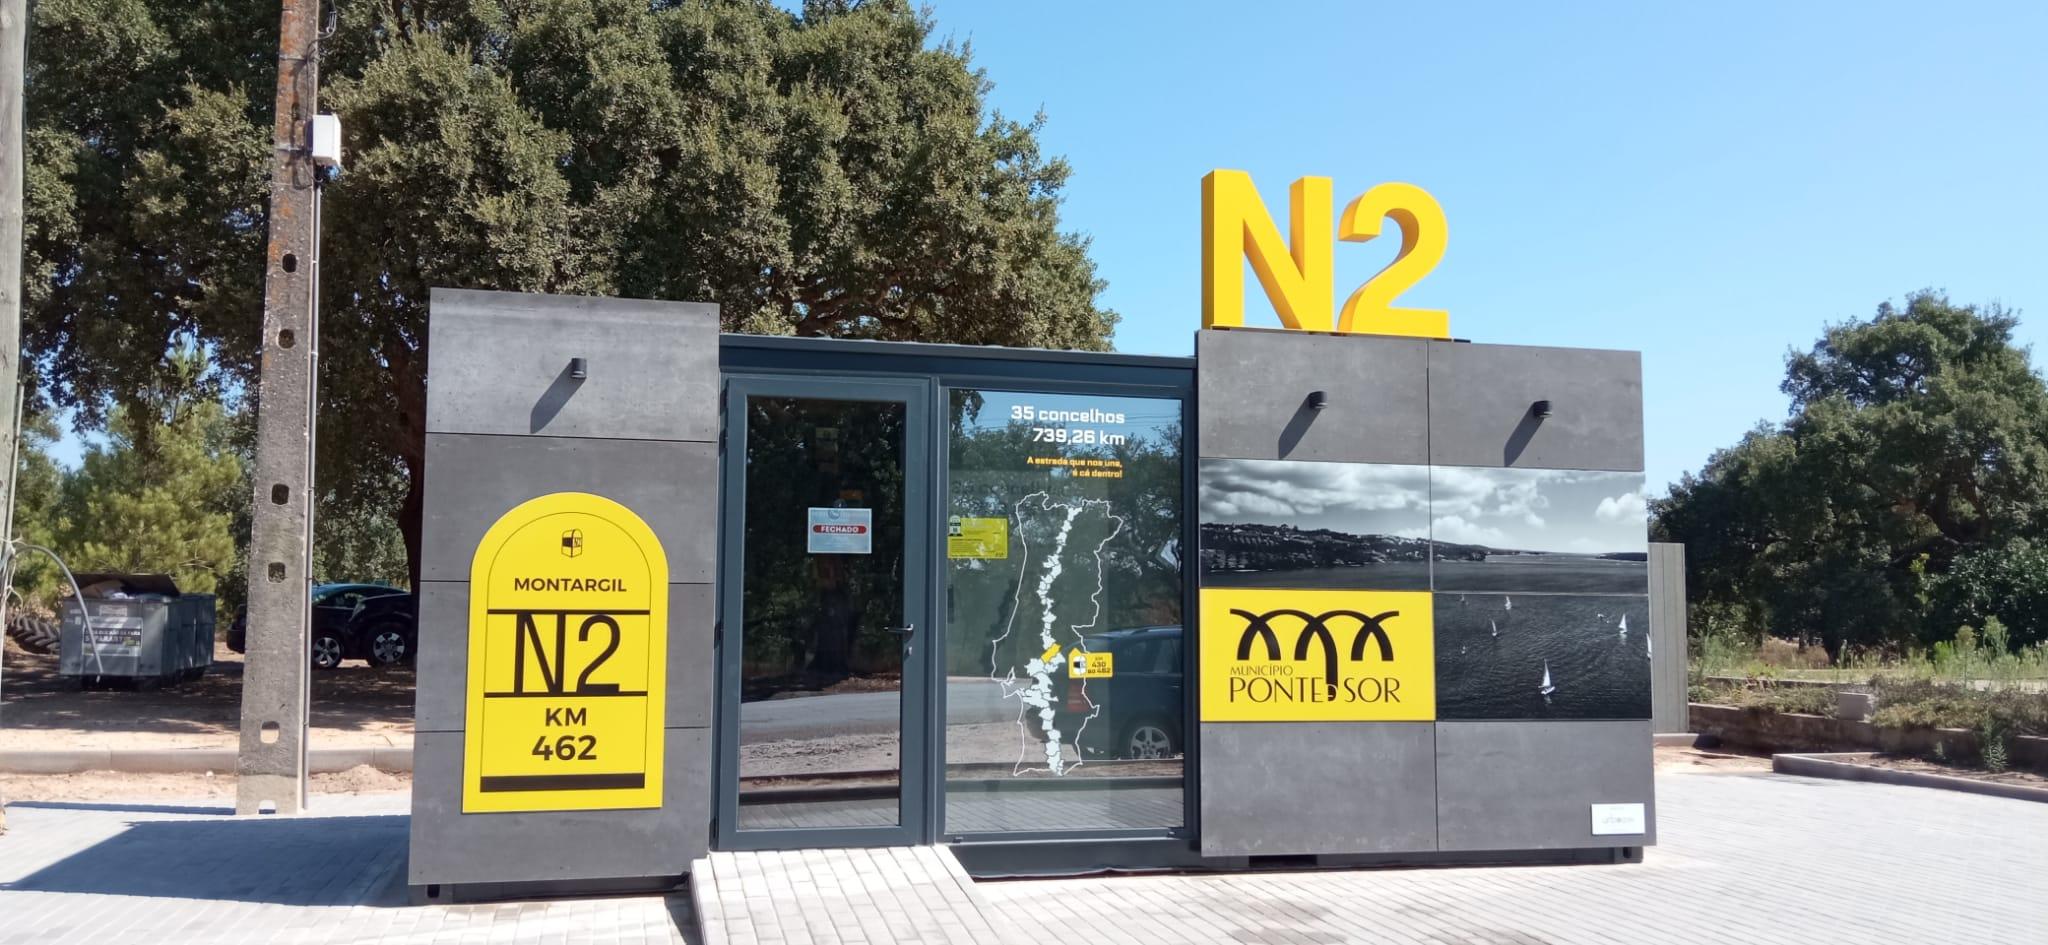 Novo Posto de Turismo em Montargil